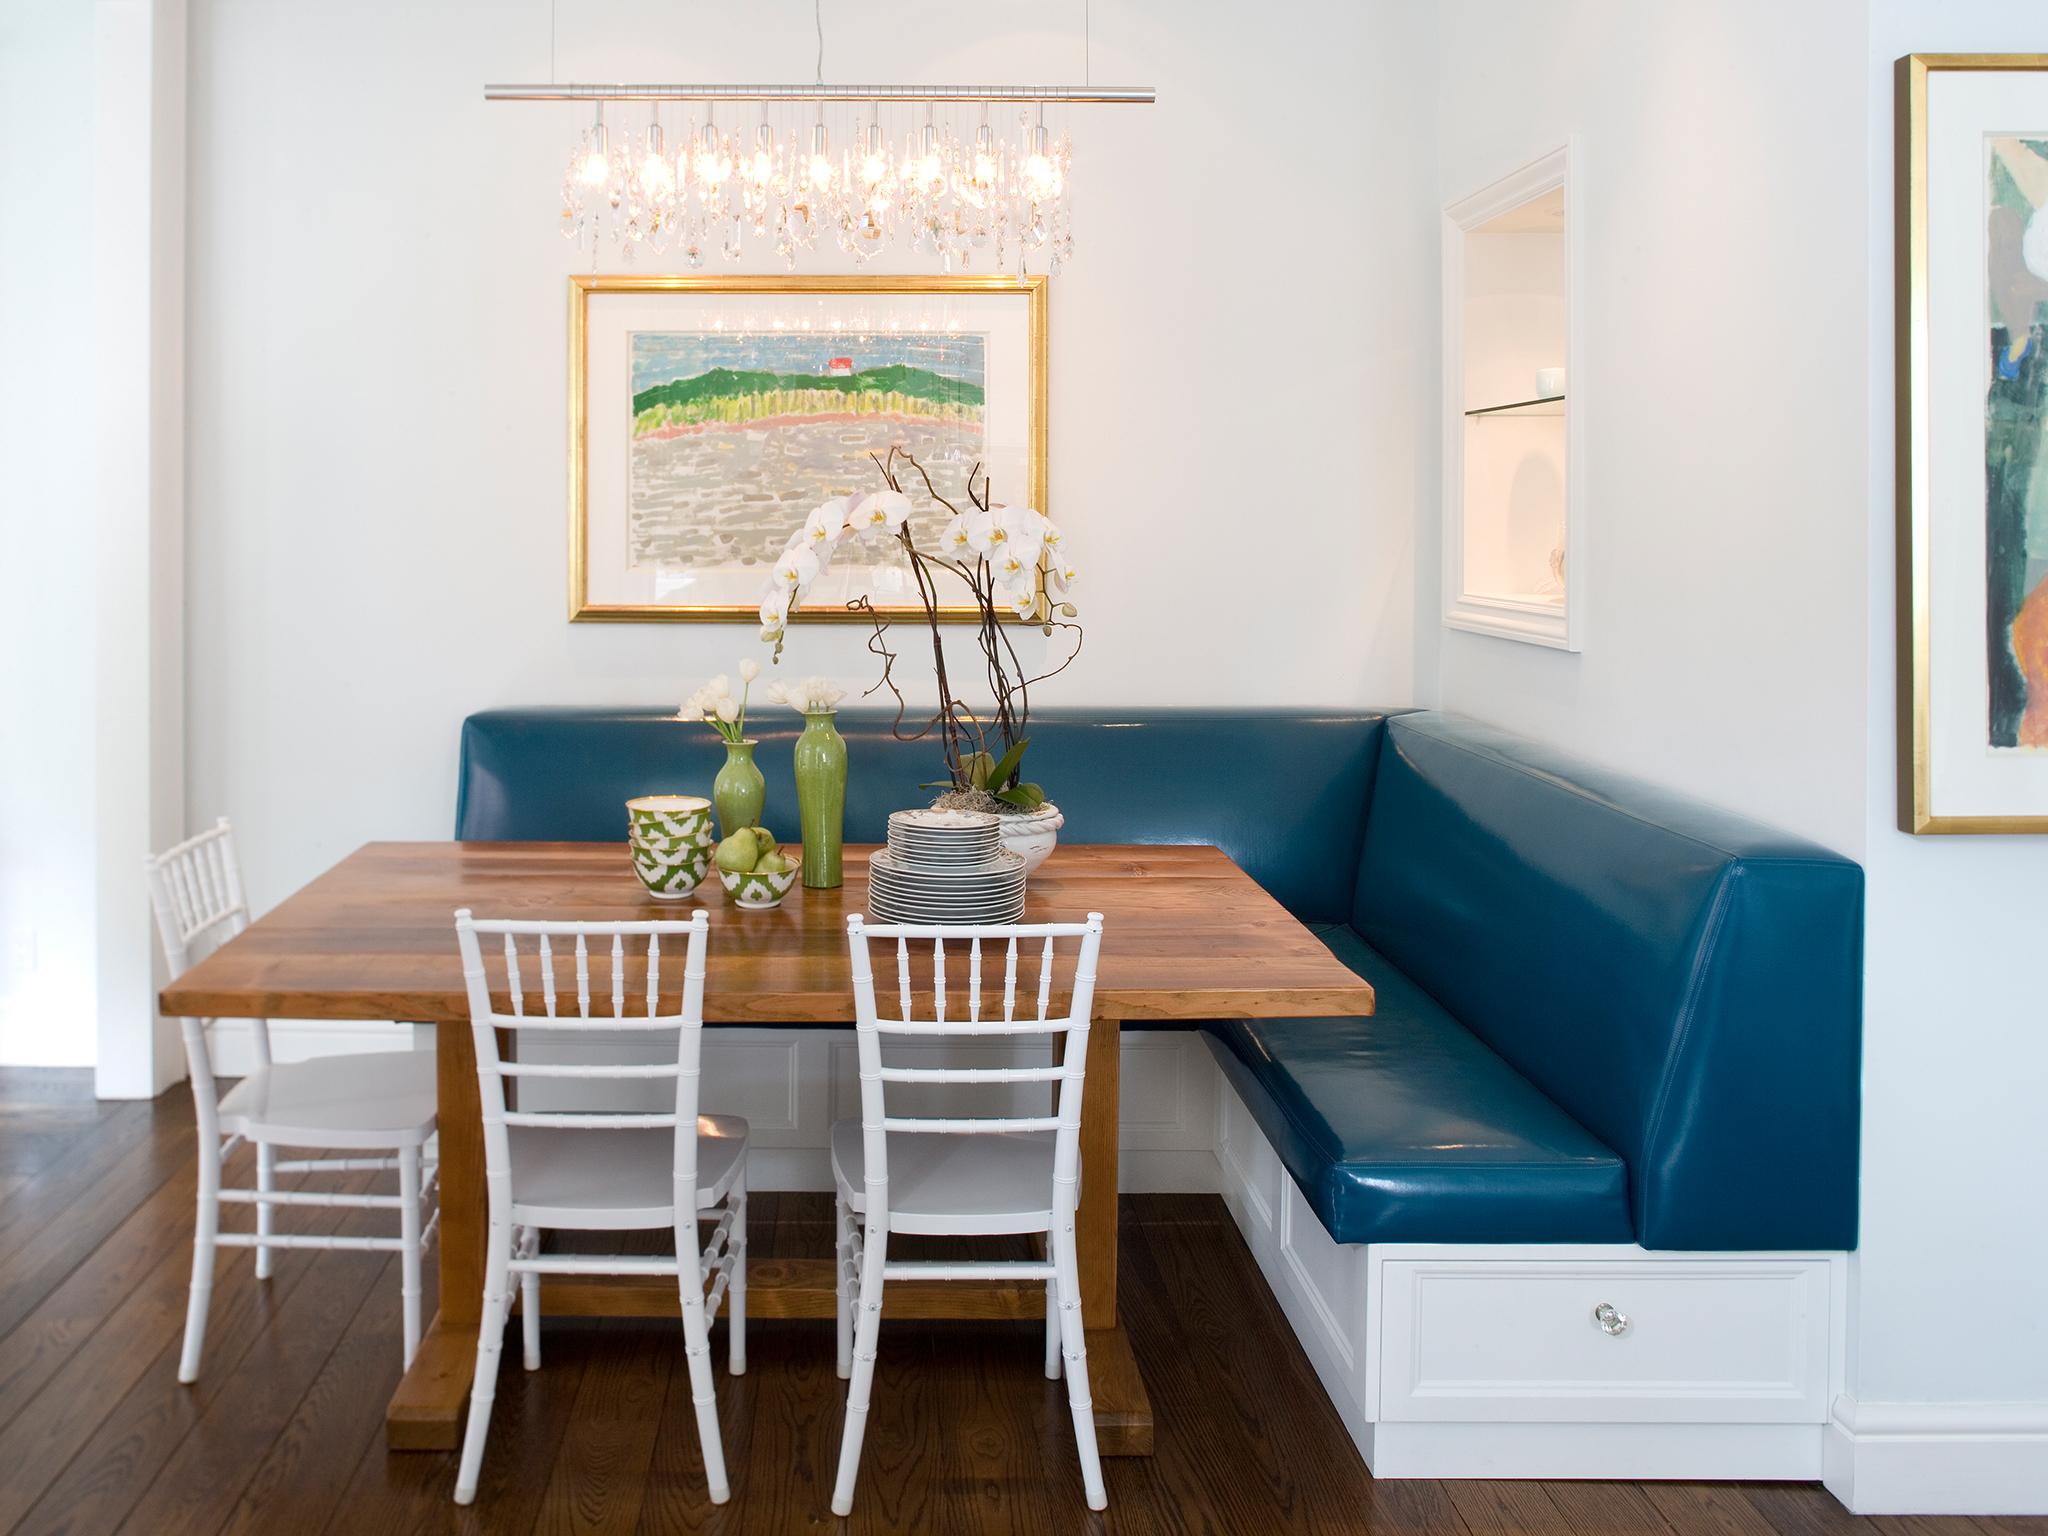 Обеденная зона на кухне: расположение стола, идеи дизайна ин.